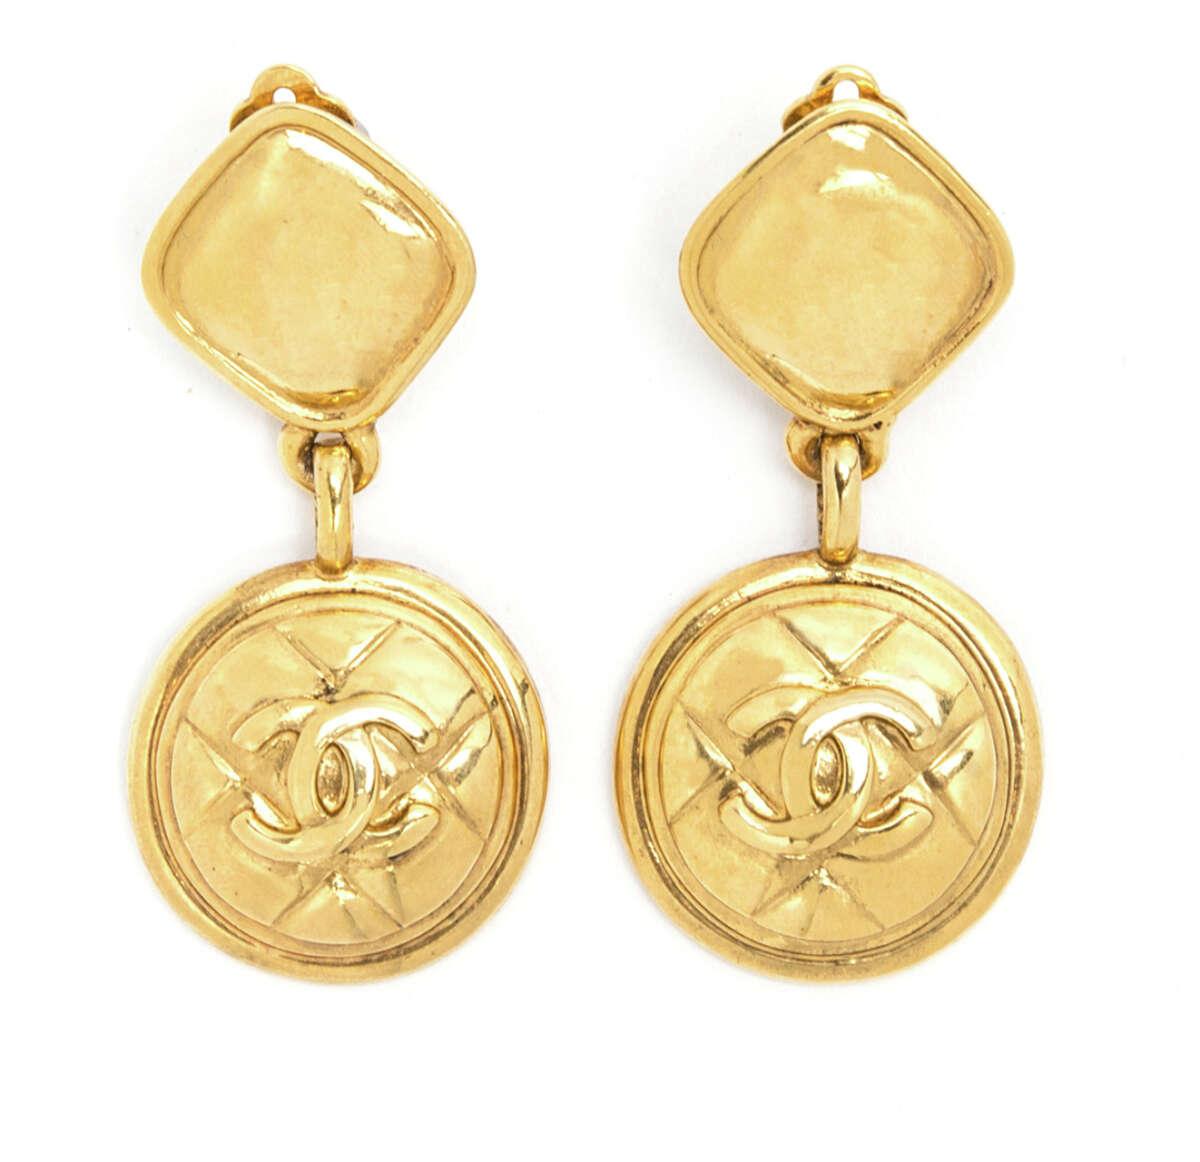 Chanel earrings, $875.